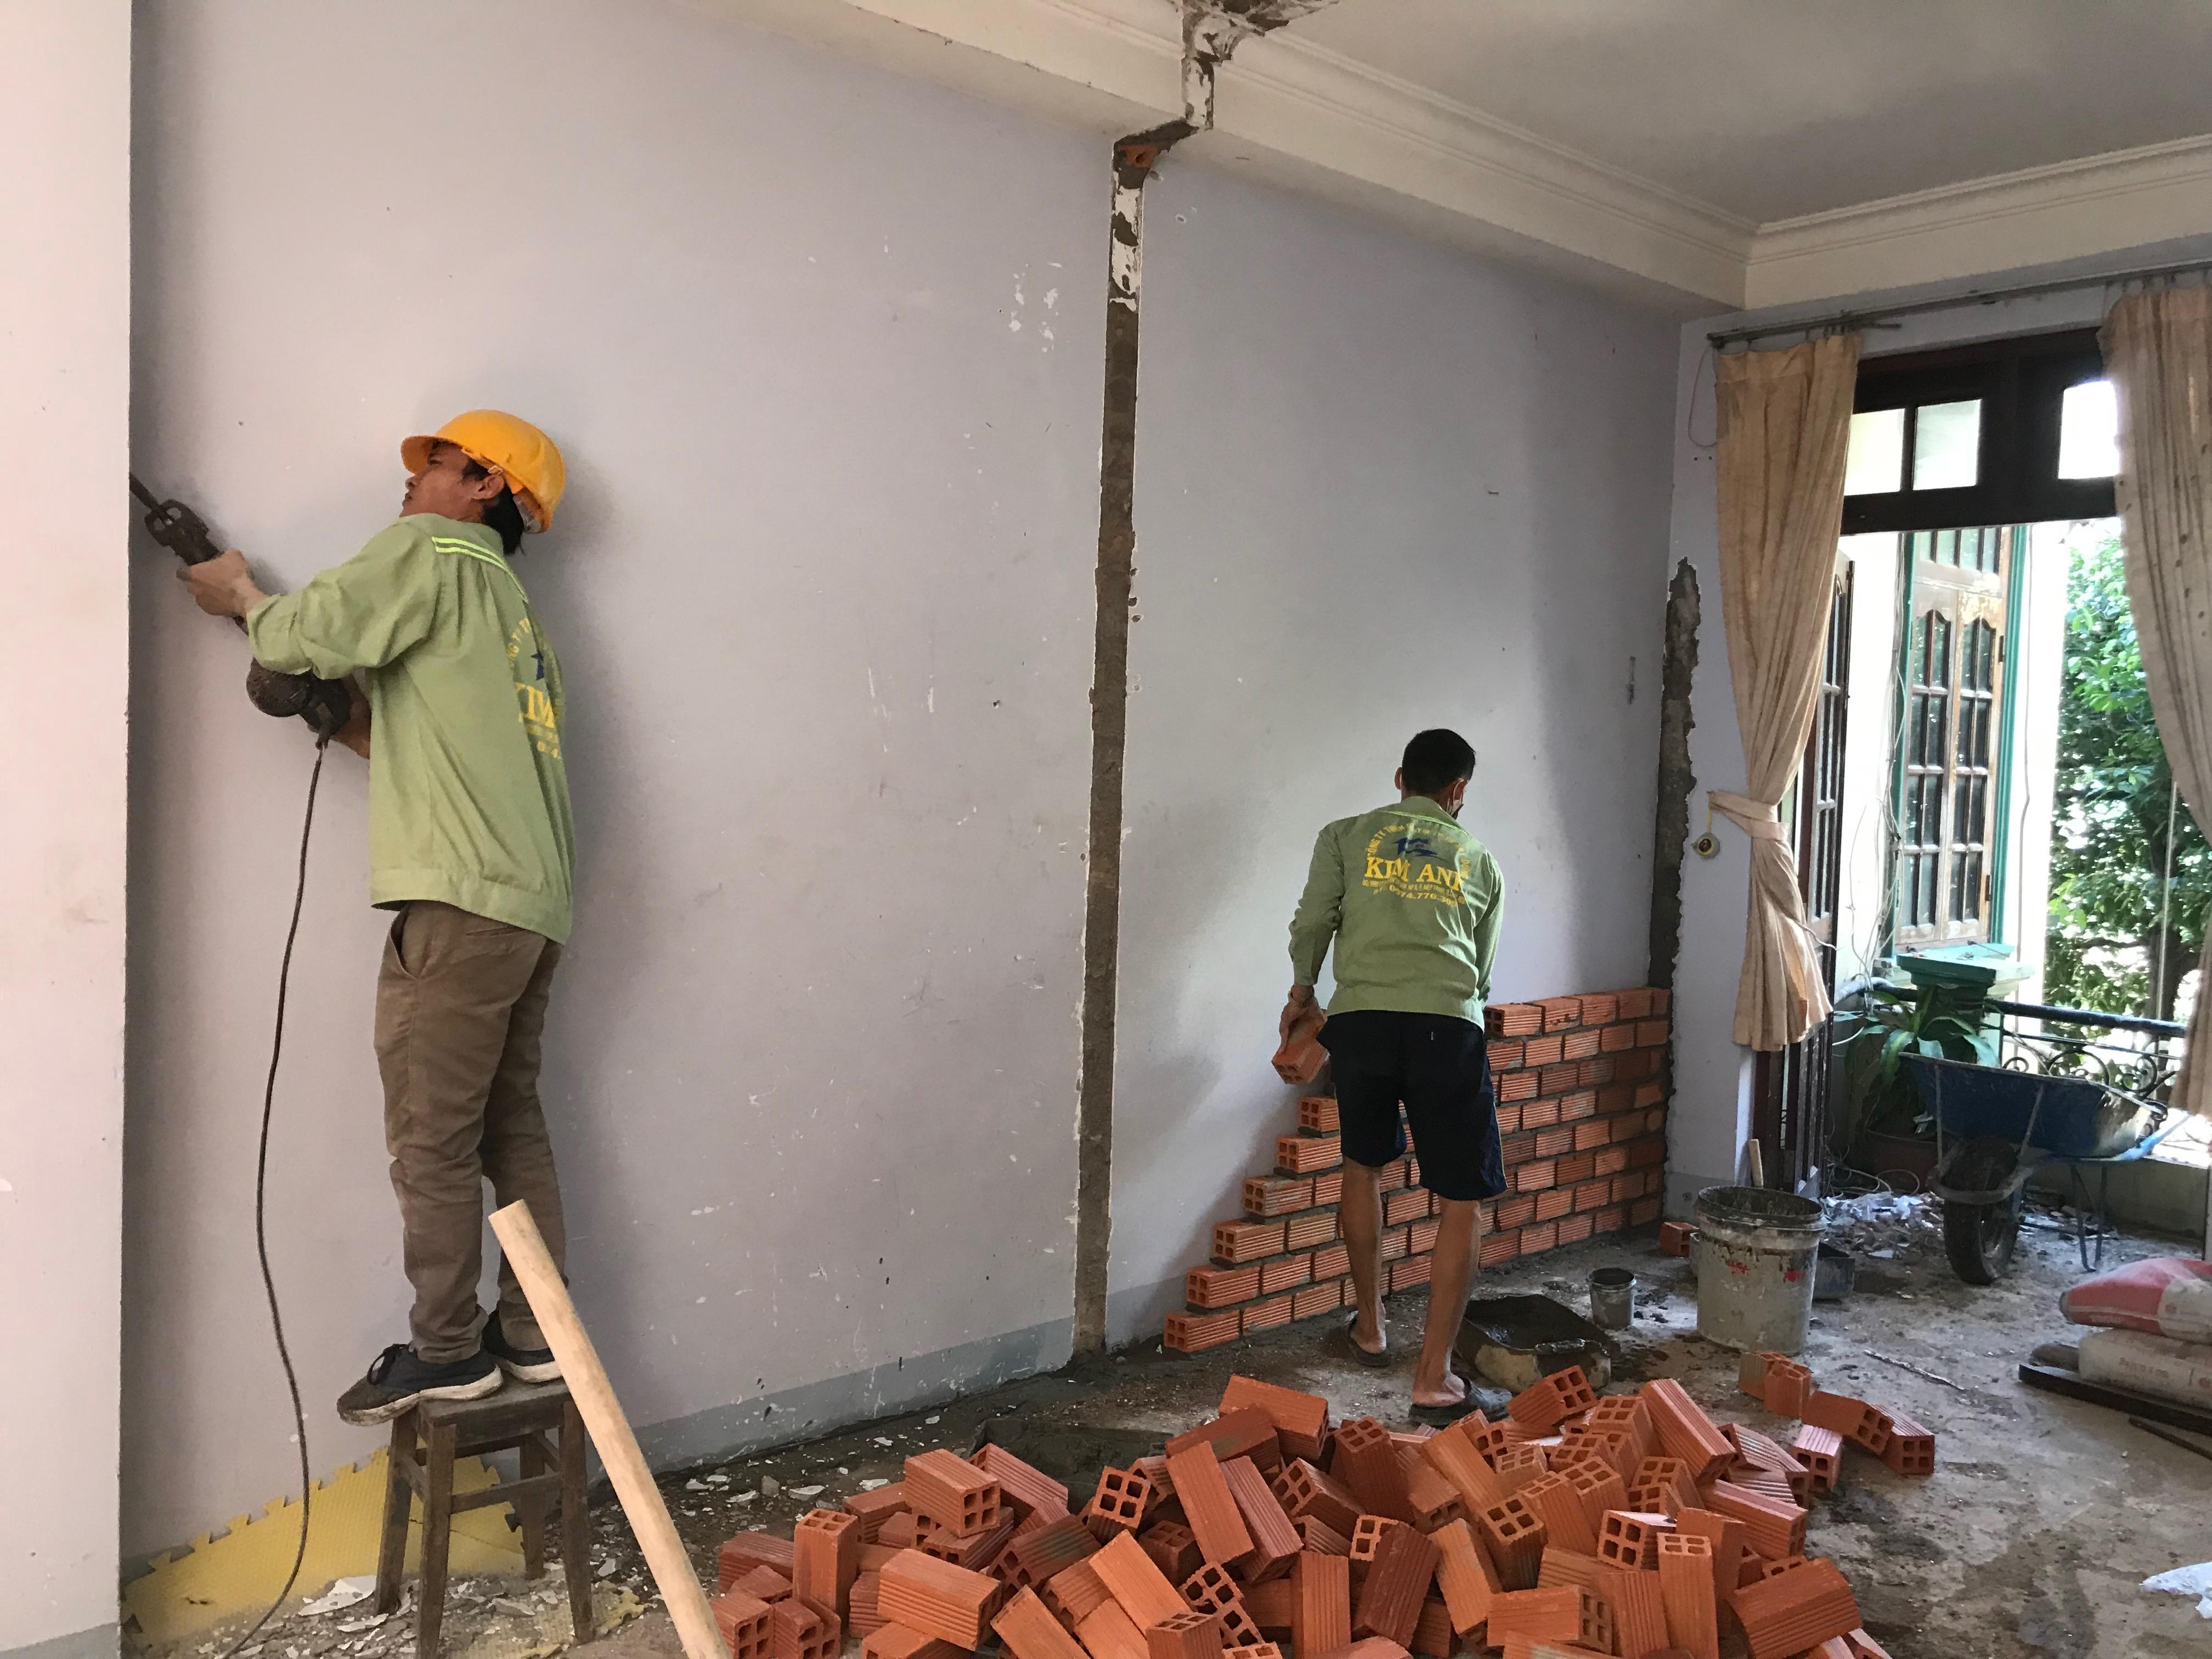 Dịch vụ thợ sửa chữa nhà tại quận Gò Vấp